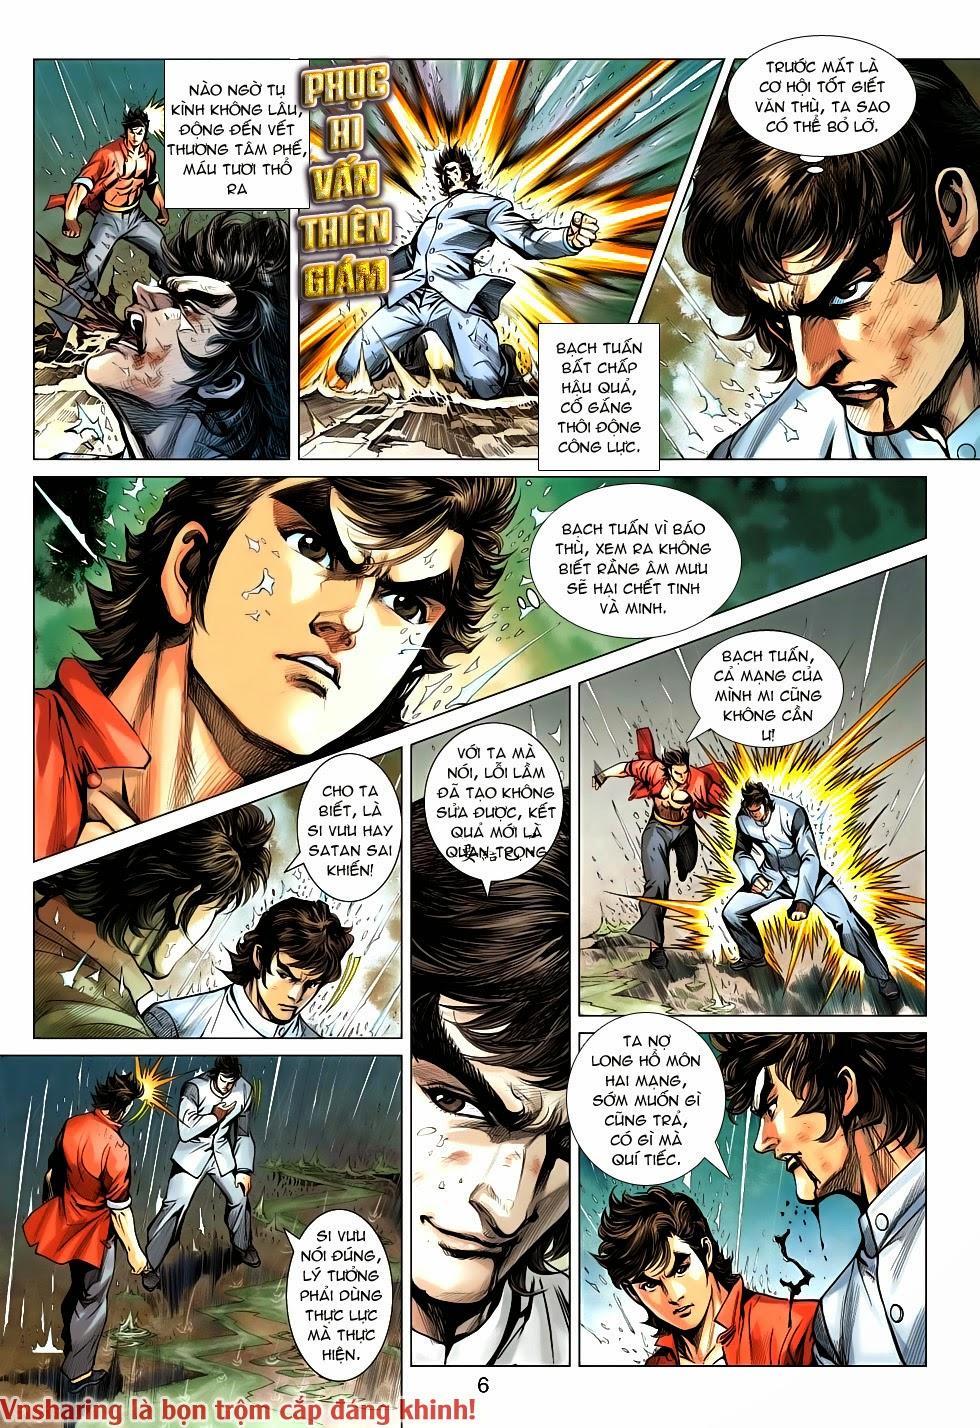 Tân Tác Long Hổ Môn Chap 606 page 6 - Truyentranhaz.net